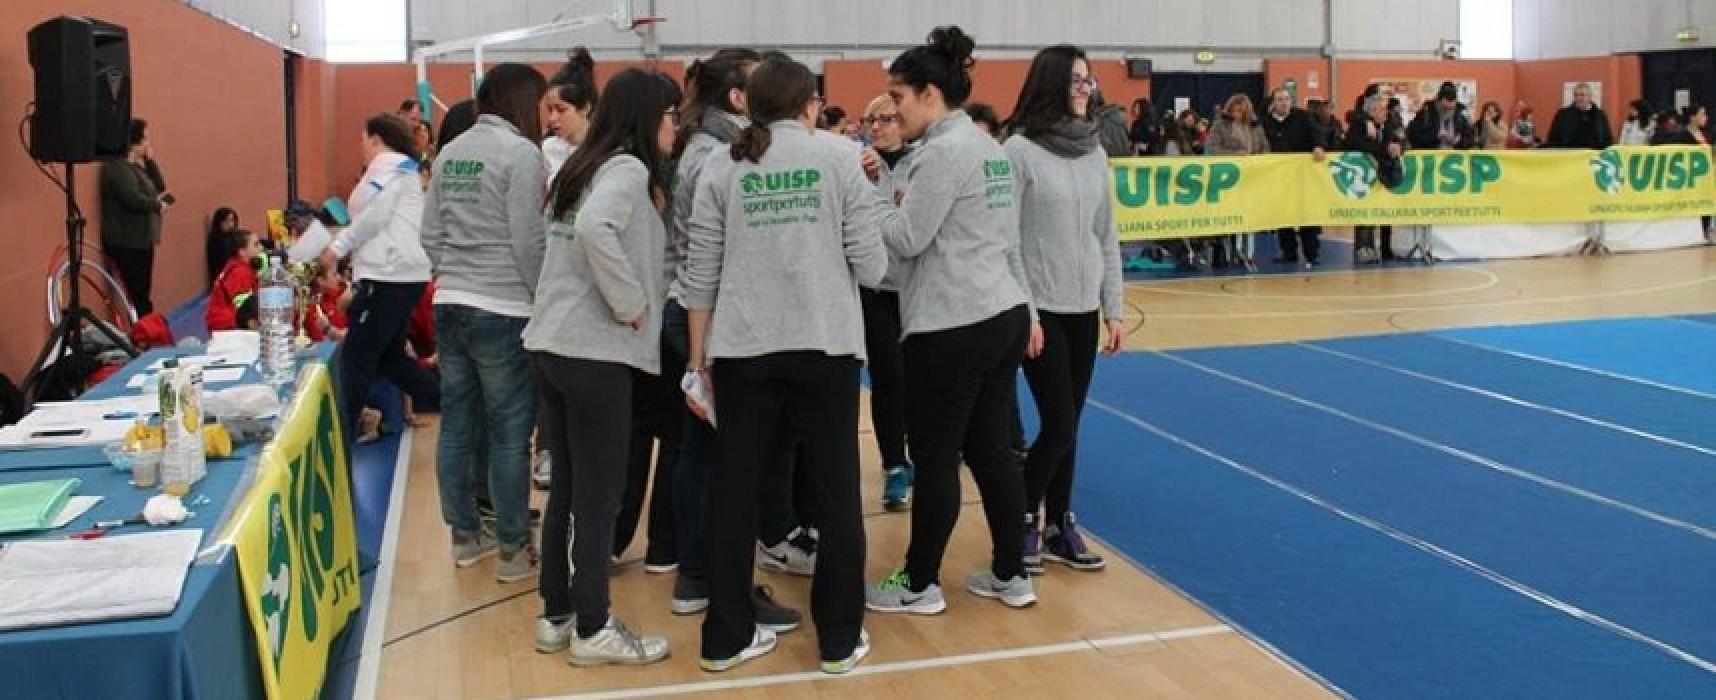 Ginnastica Ritmica Iris, domenica a Bari prima gara regionale UISP